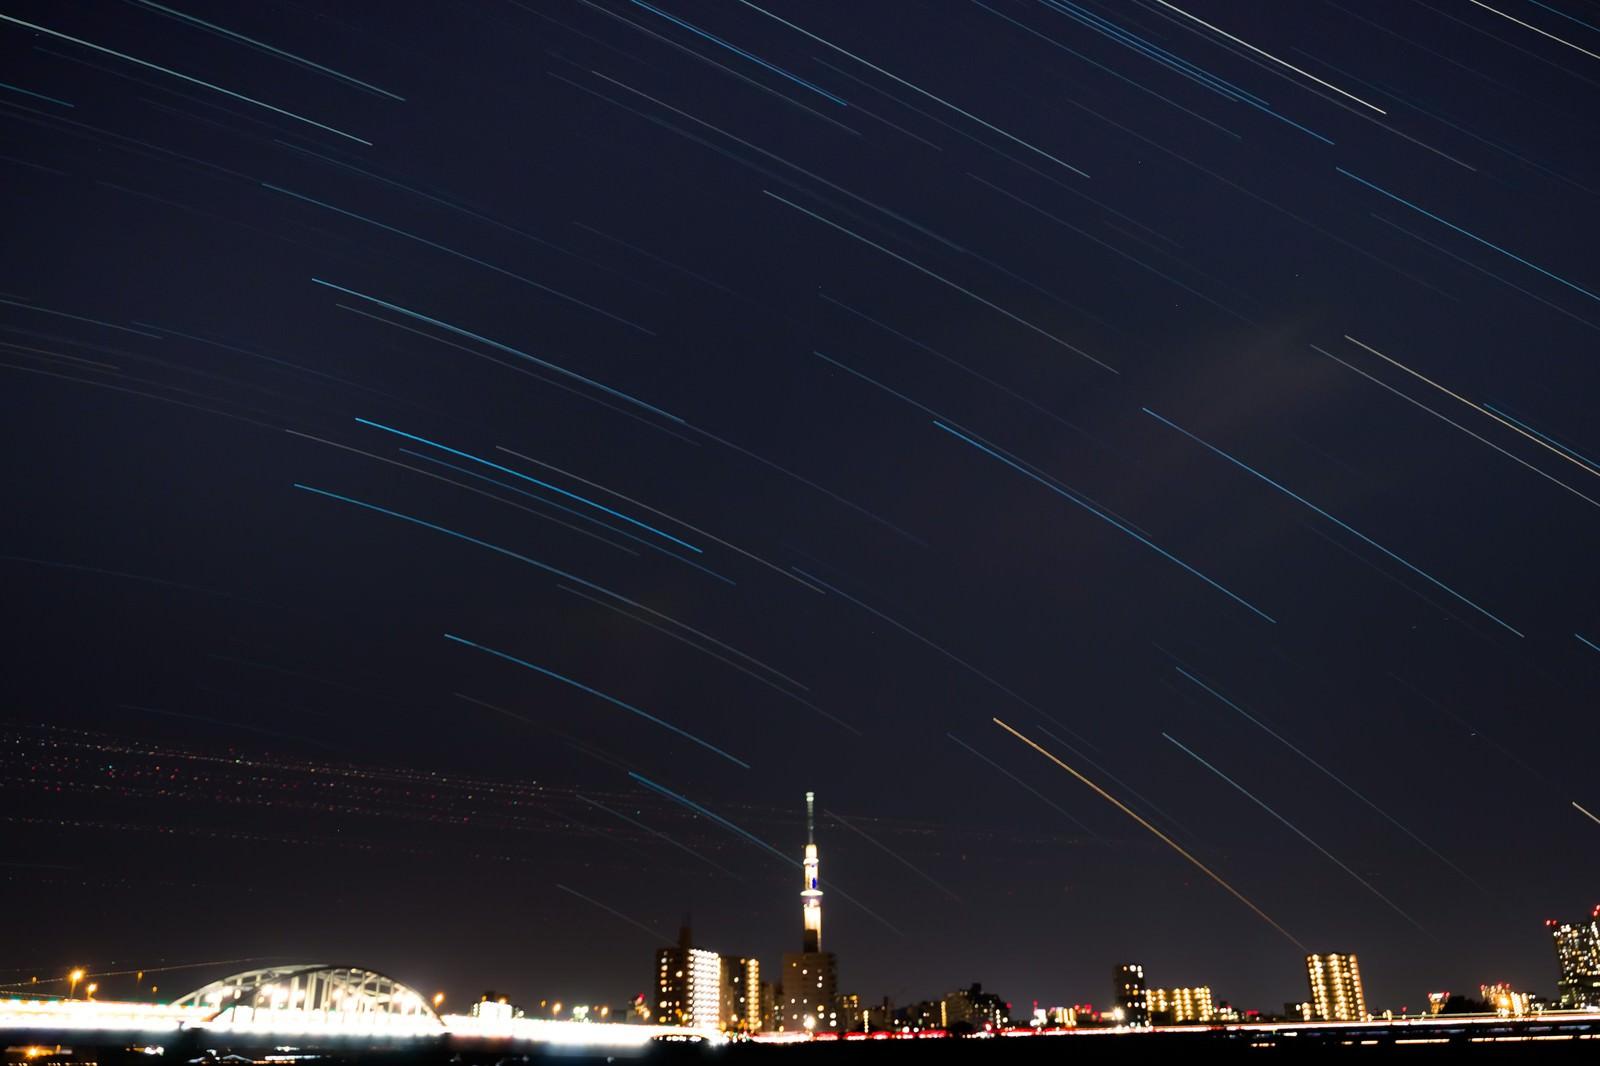 スカイツリーと星々の軌跡